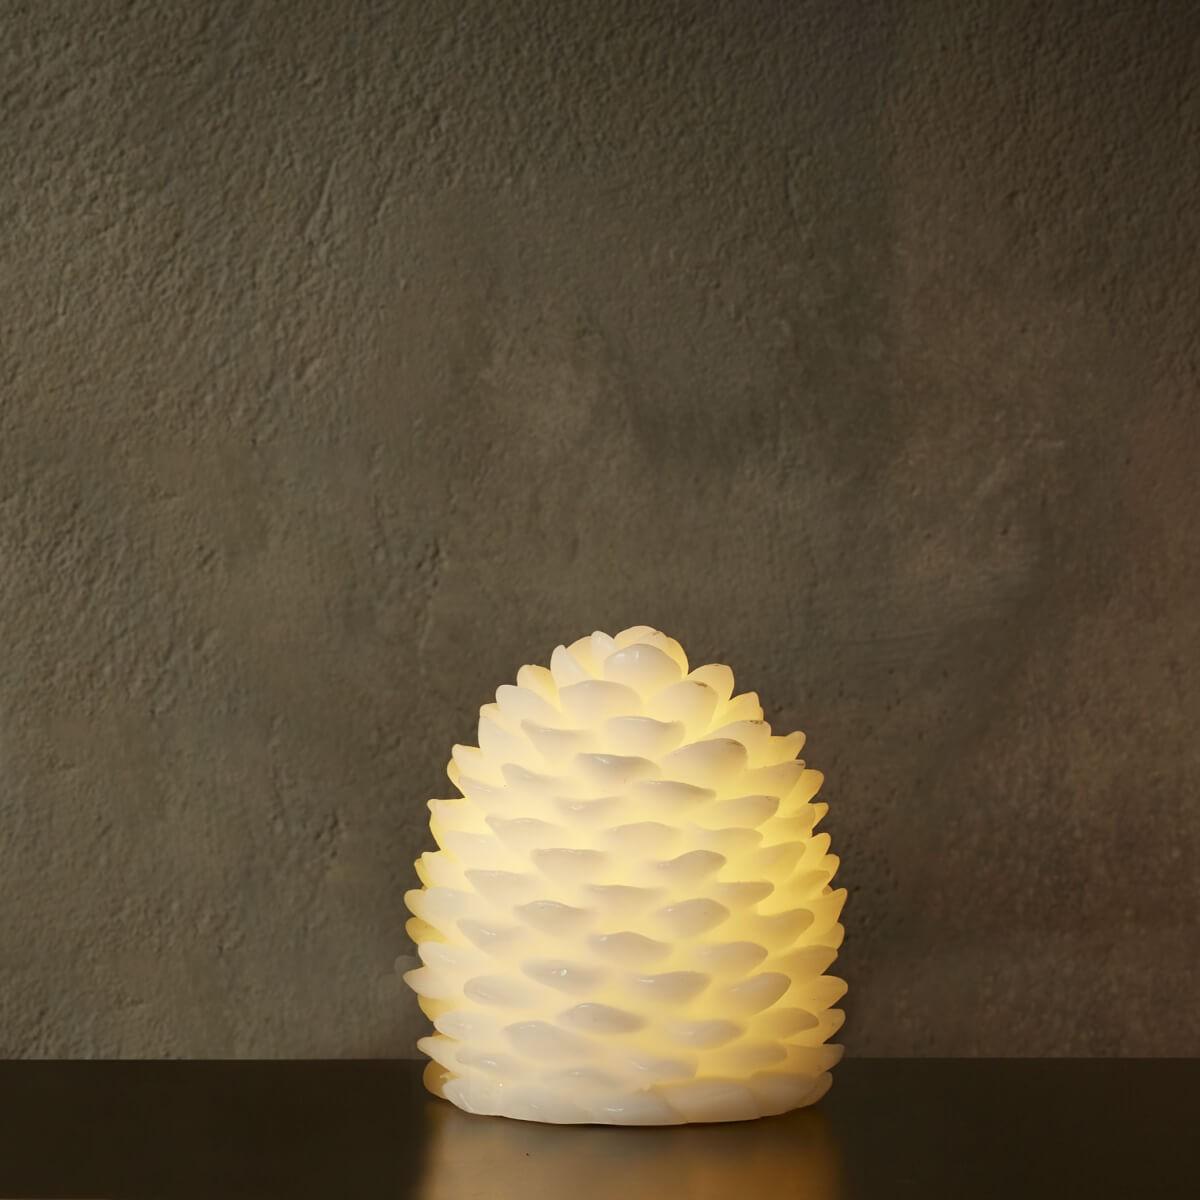 DA´CORE Kogle led lys m/chip 9 x 10 cm hvid